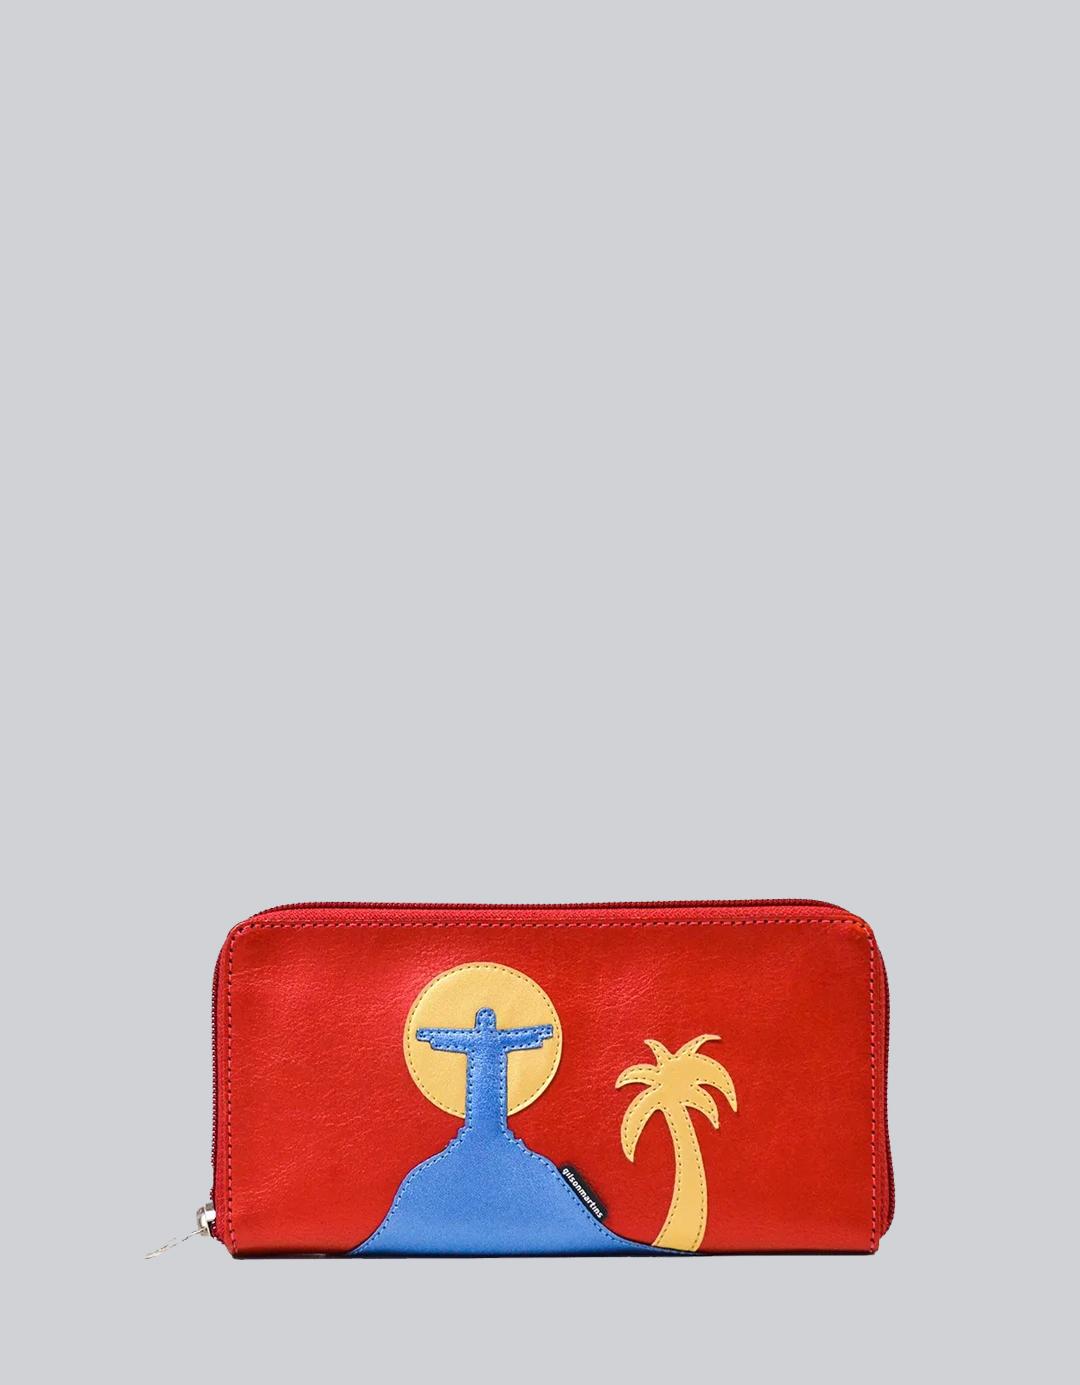 Carteira Feminina Zíper Vermelha Ouro Exclusiva G